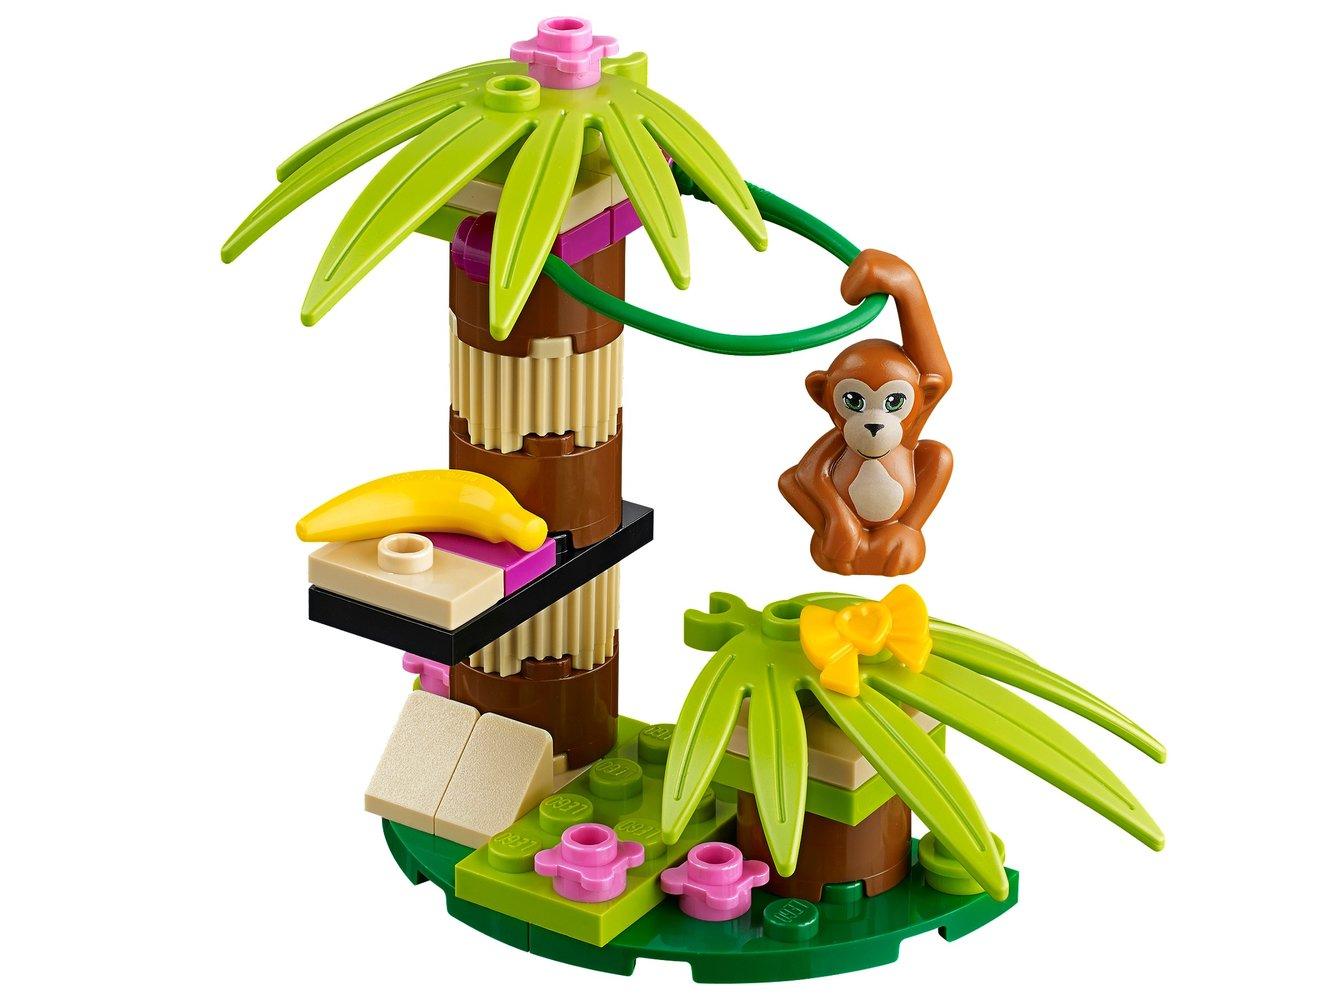 Orangutan's Banana Tree